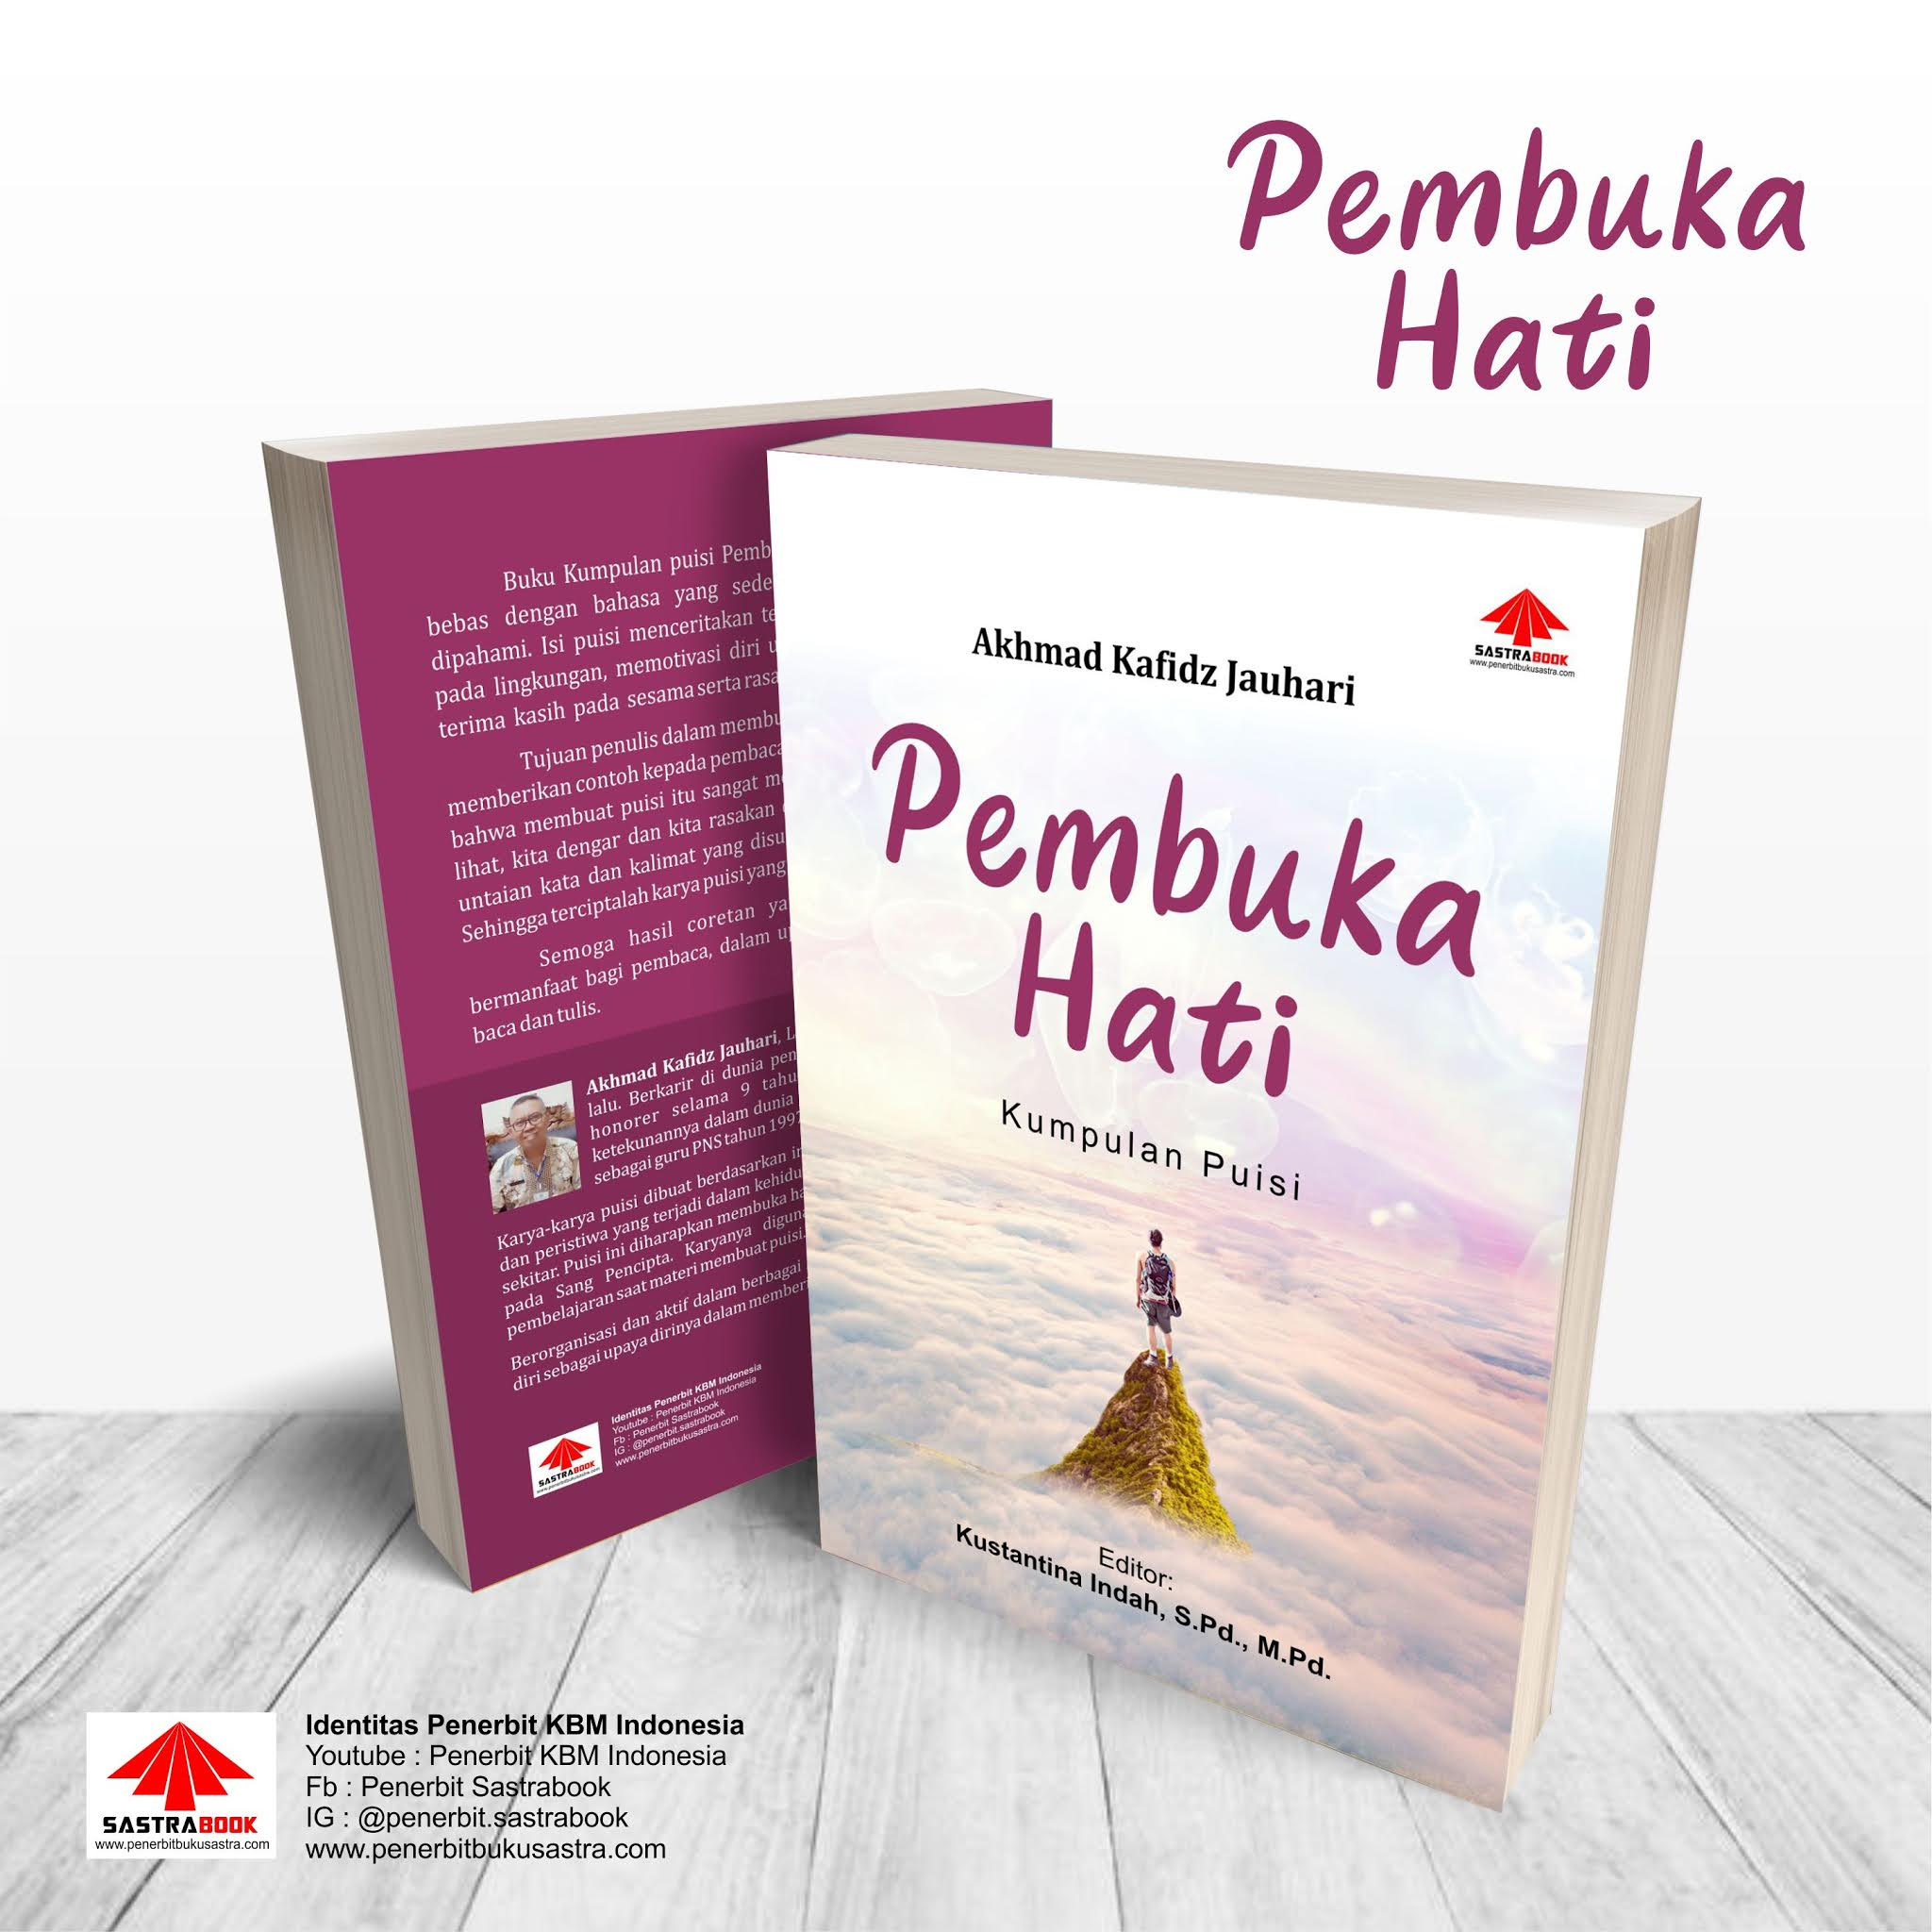 PEMBUKA HATI